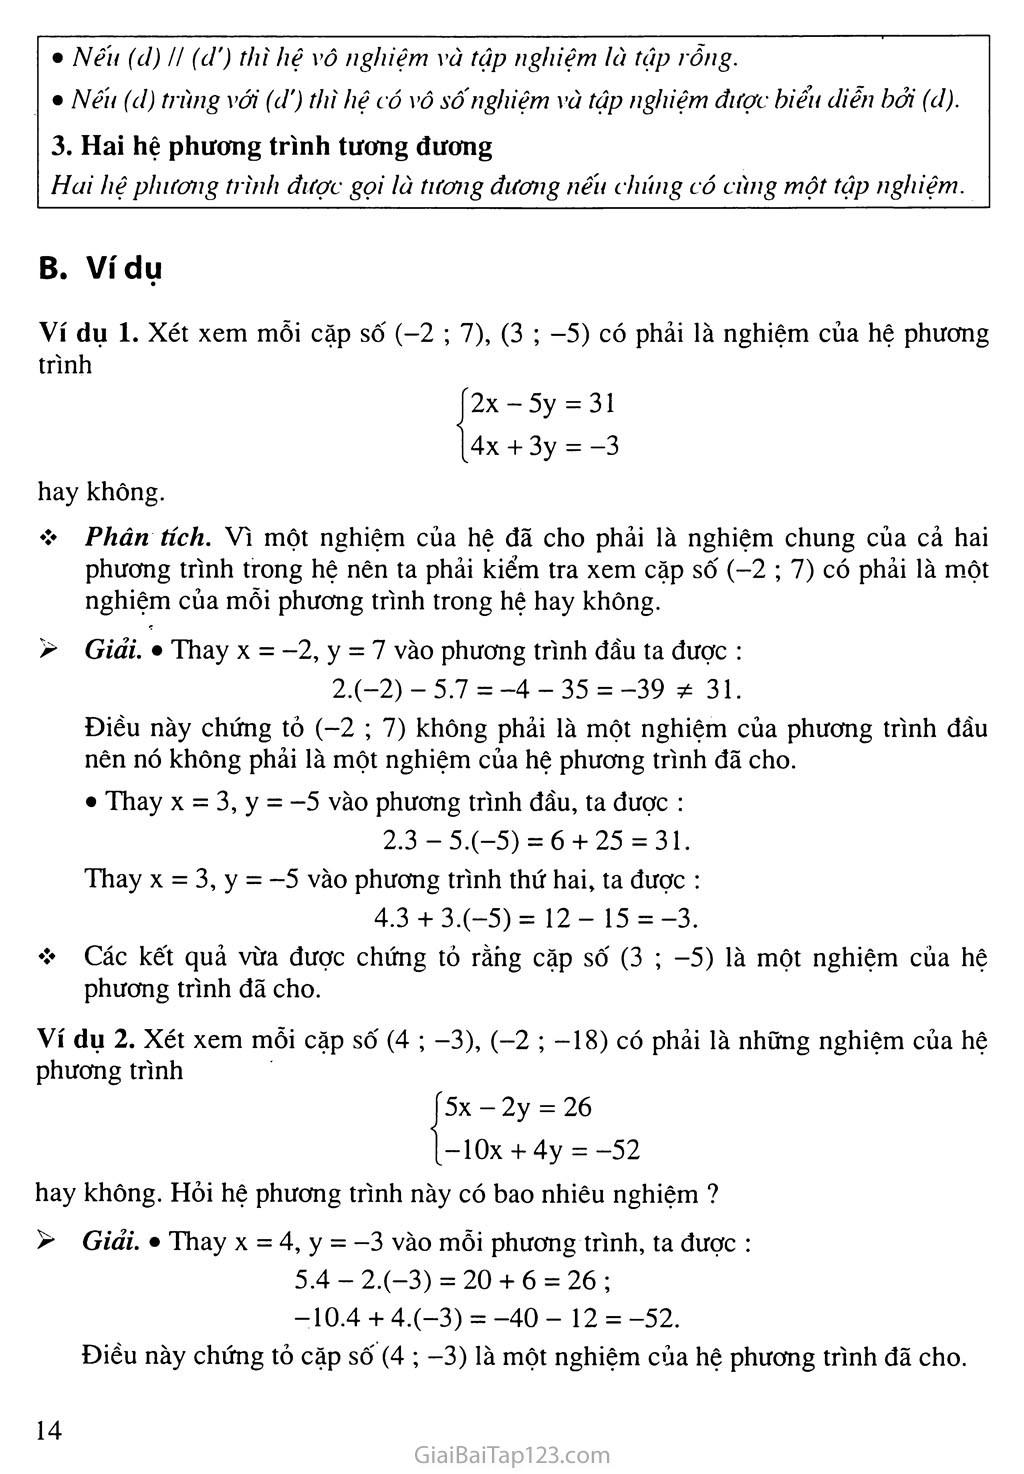 Bài 2. Hệ hai phương trình bậc nhất hai ẩn trang 2